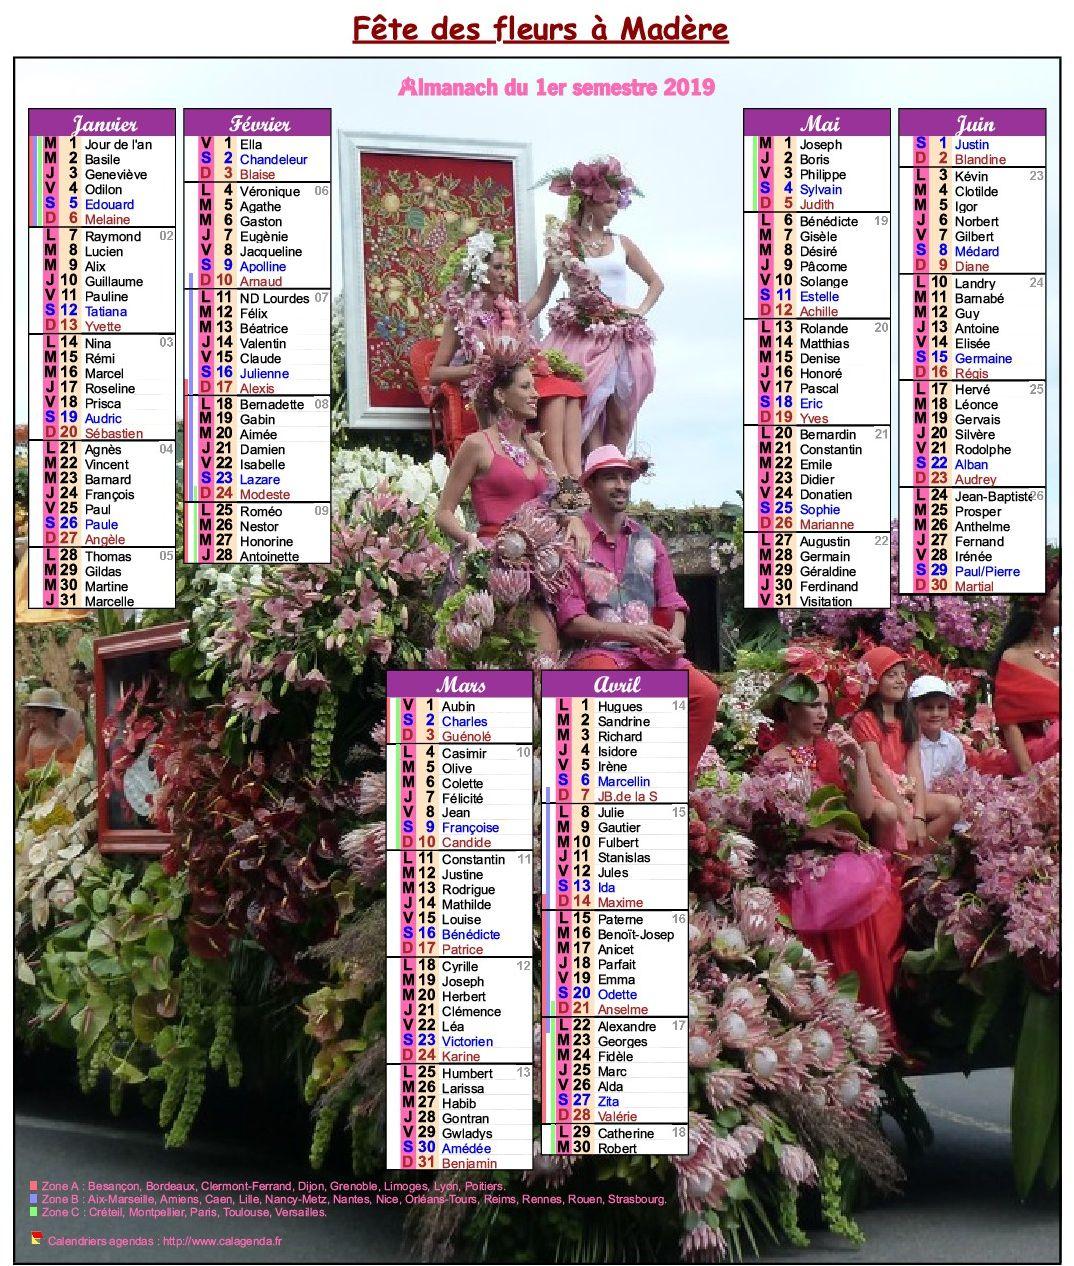 Calendrier 2019 semestriel fête des fleurs à Madère